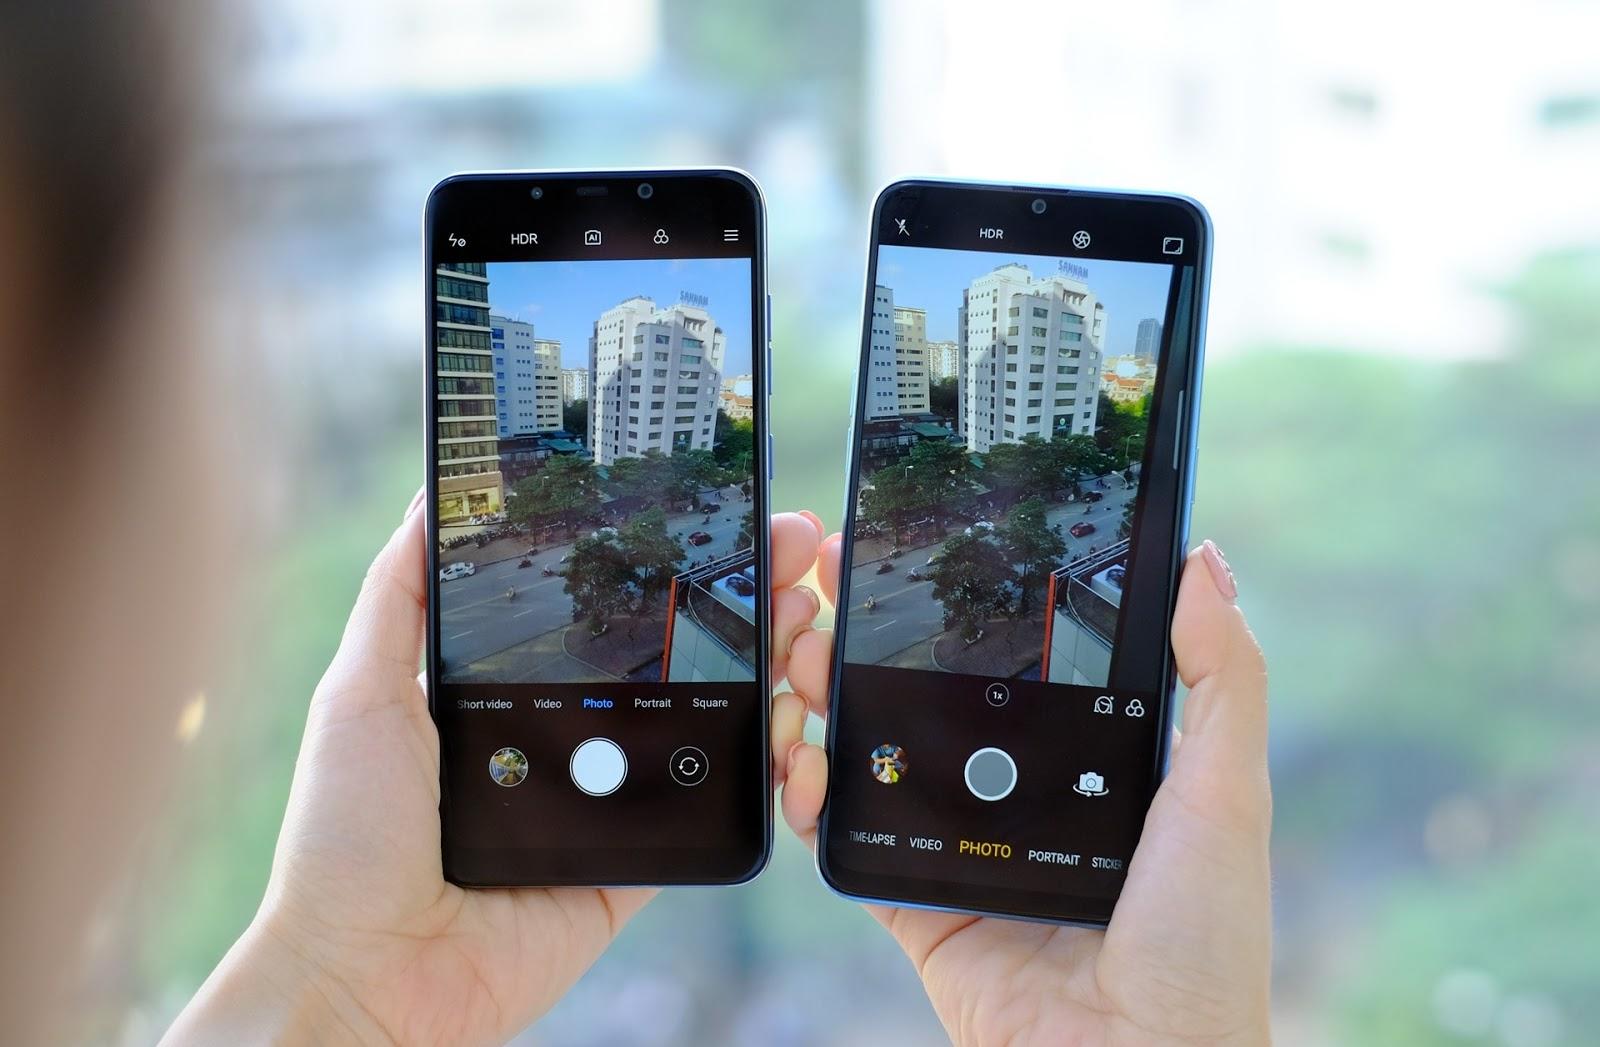 Tầm 8 triệu nên mua điện thoại nào Pocophone F1 hay Realme 2 Pro